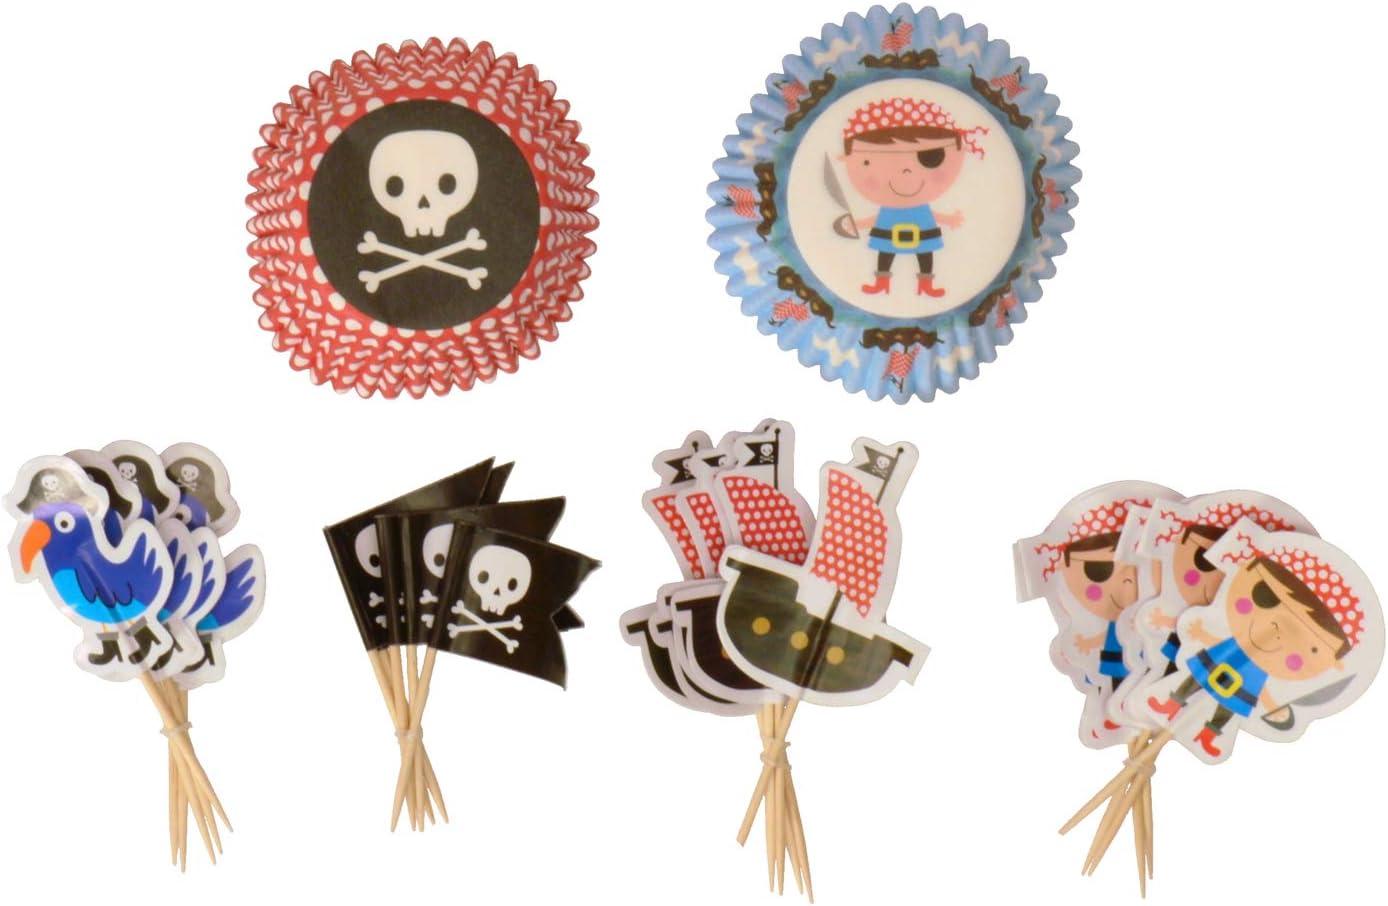 Mi partido pirata casos de tartas dise/ño de pirata y pirata banderas de tartas/-/Set de 24/casos y banderas